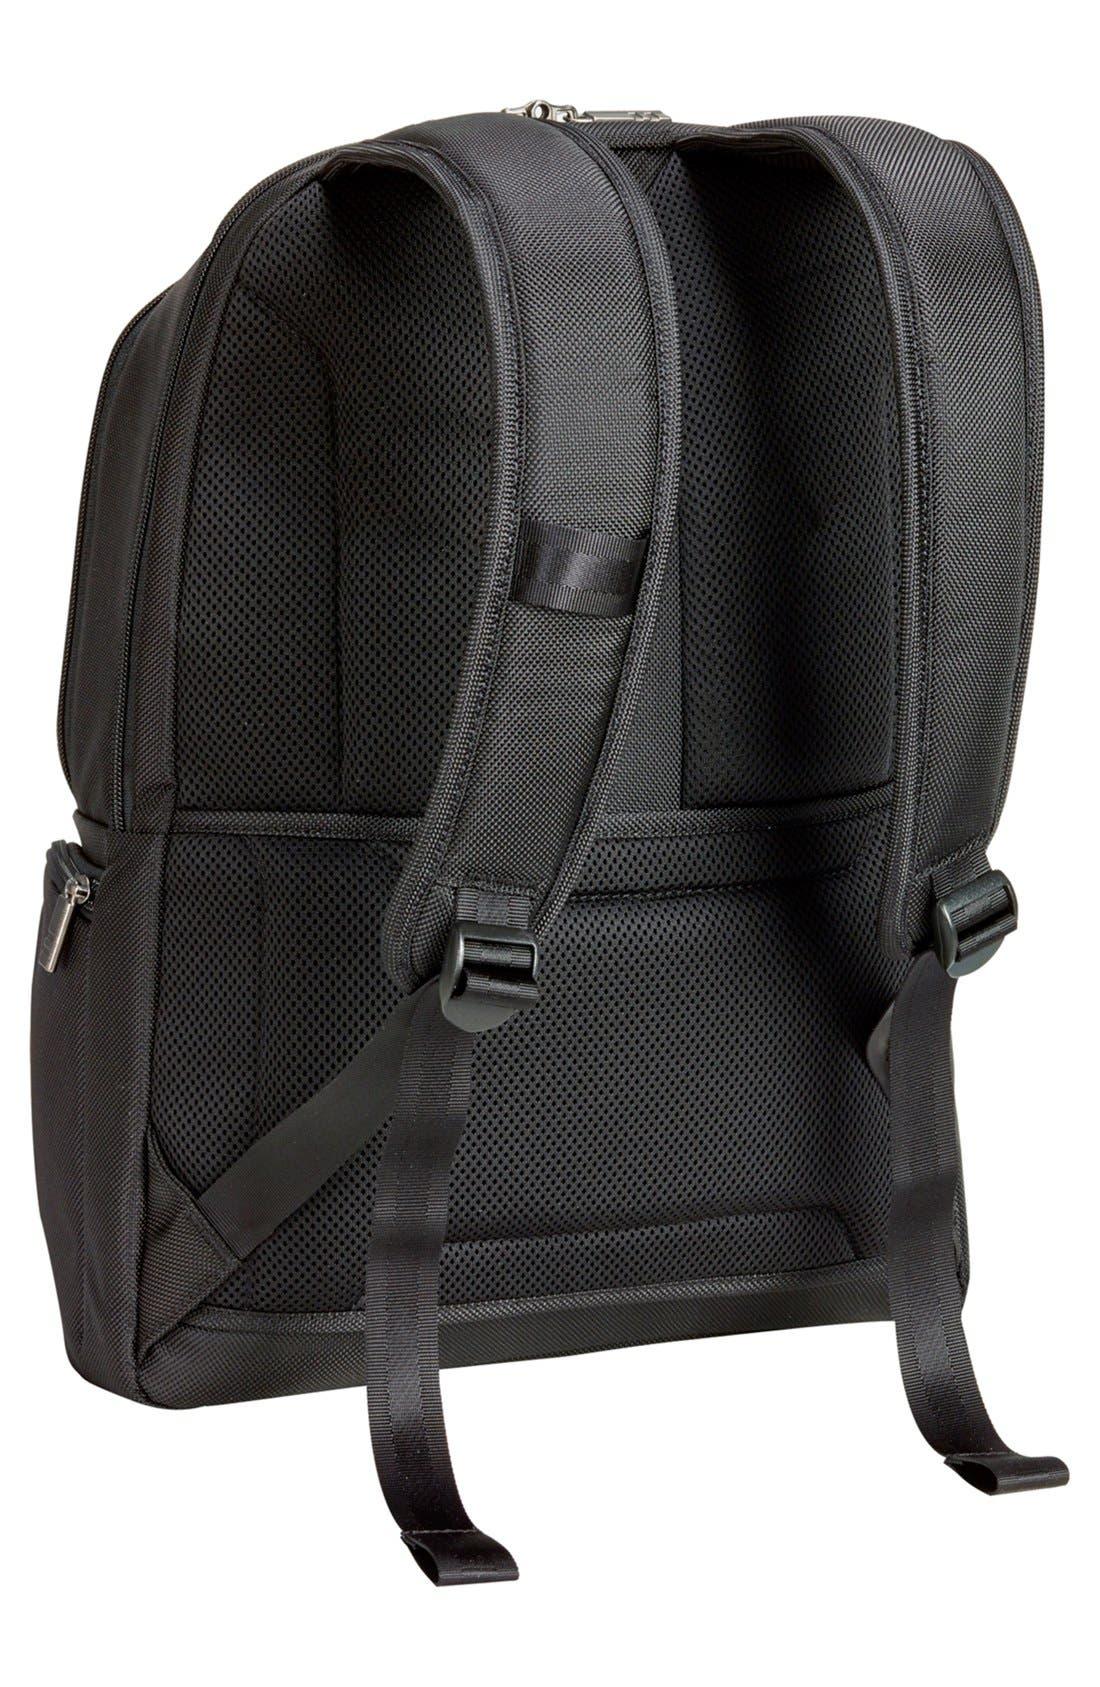 Alternate Image 2  - Briggs & Riley '@work - Medium' Backpack